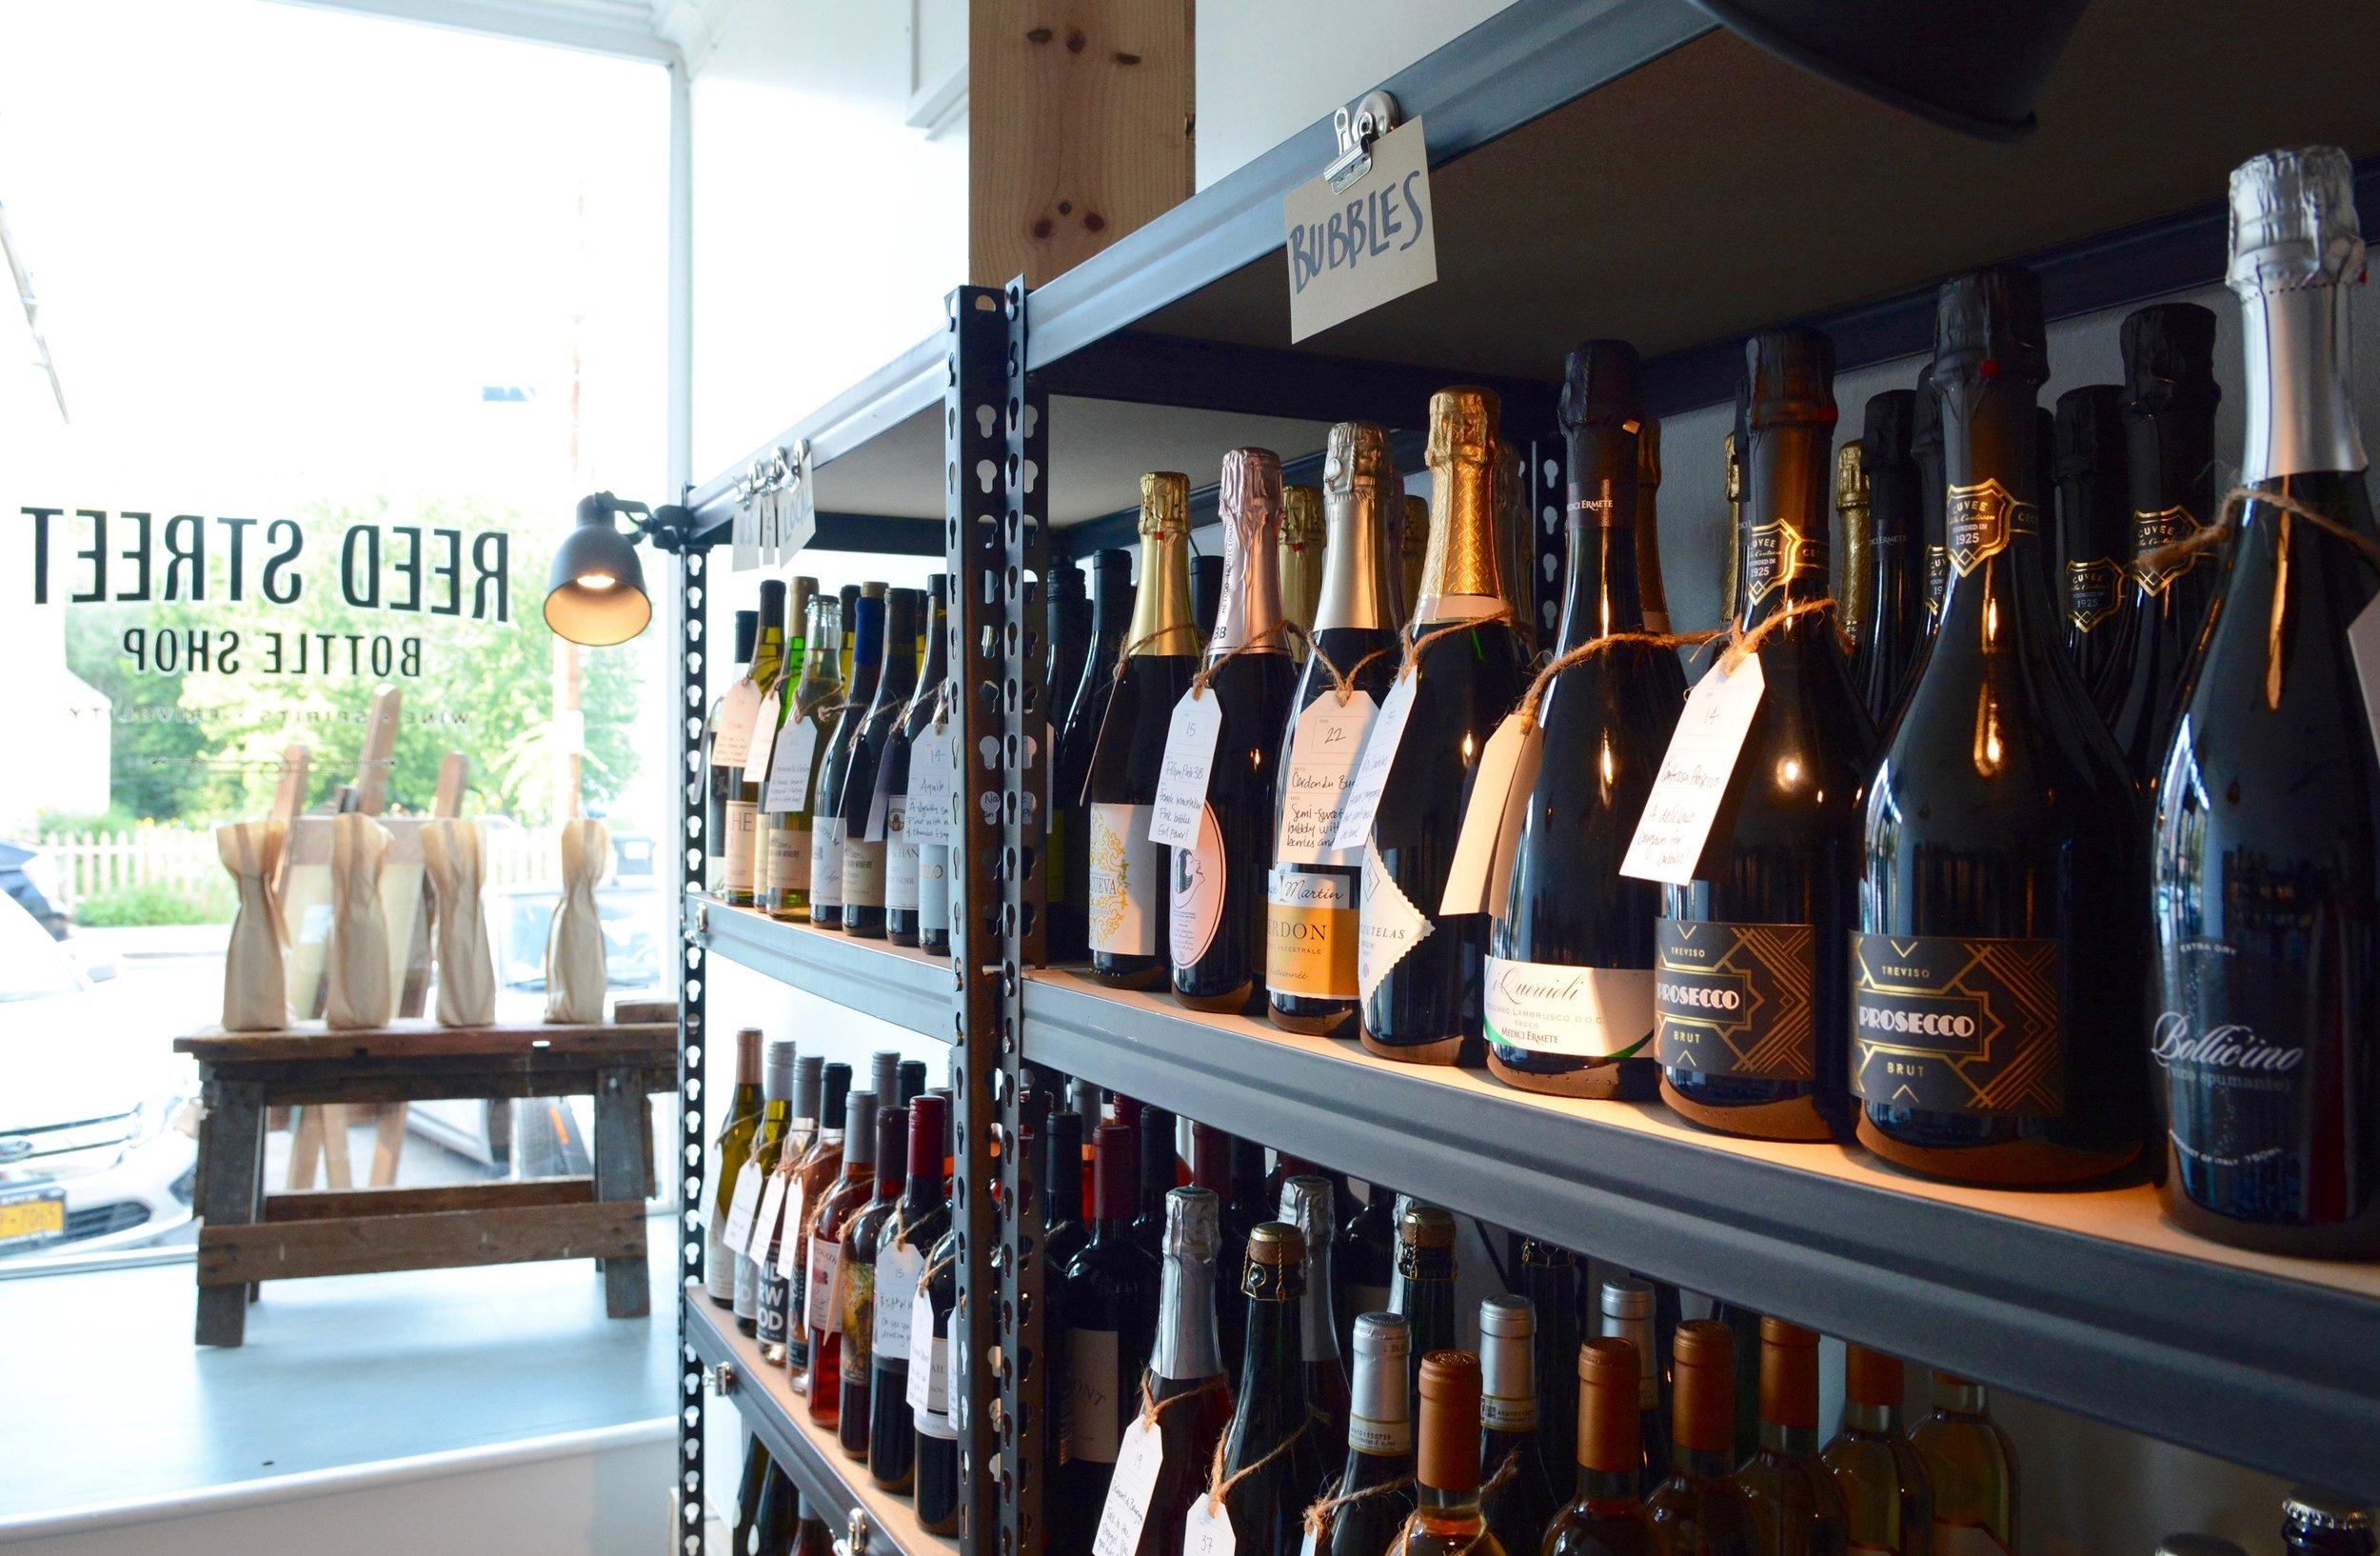 reed street bottle shop bubbles